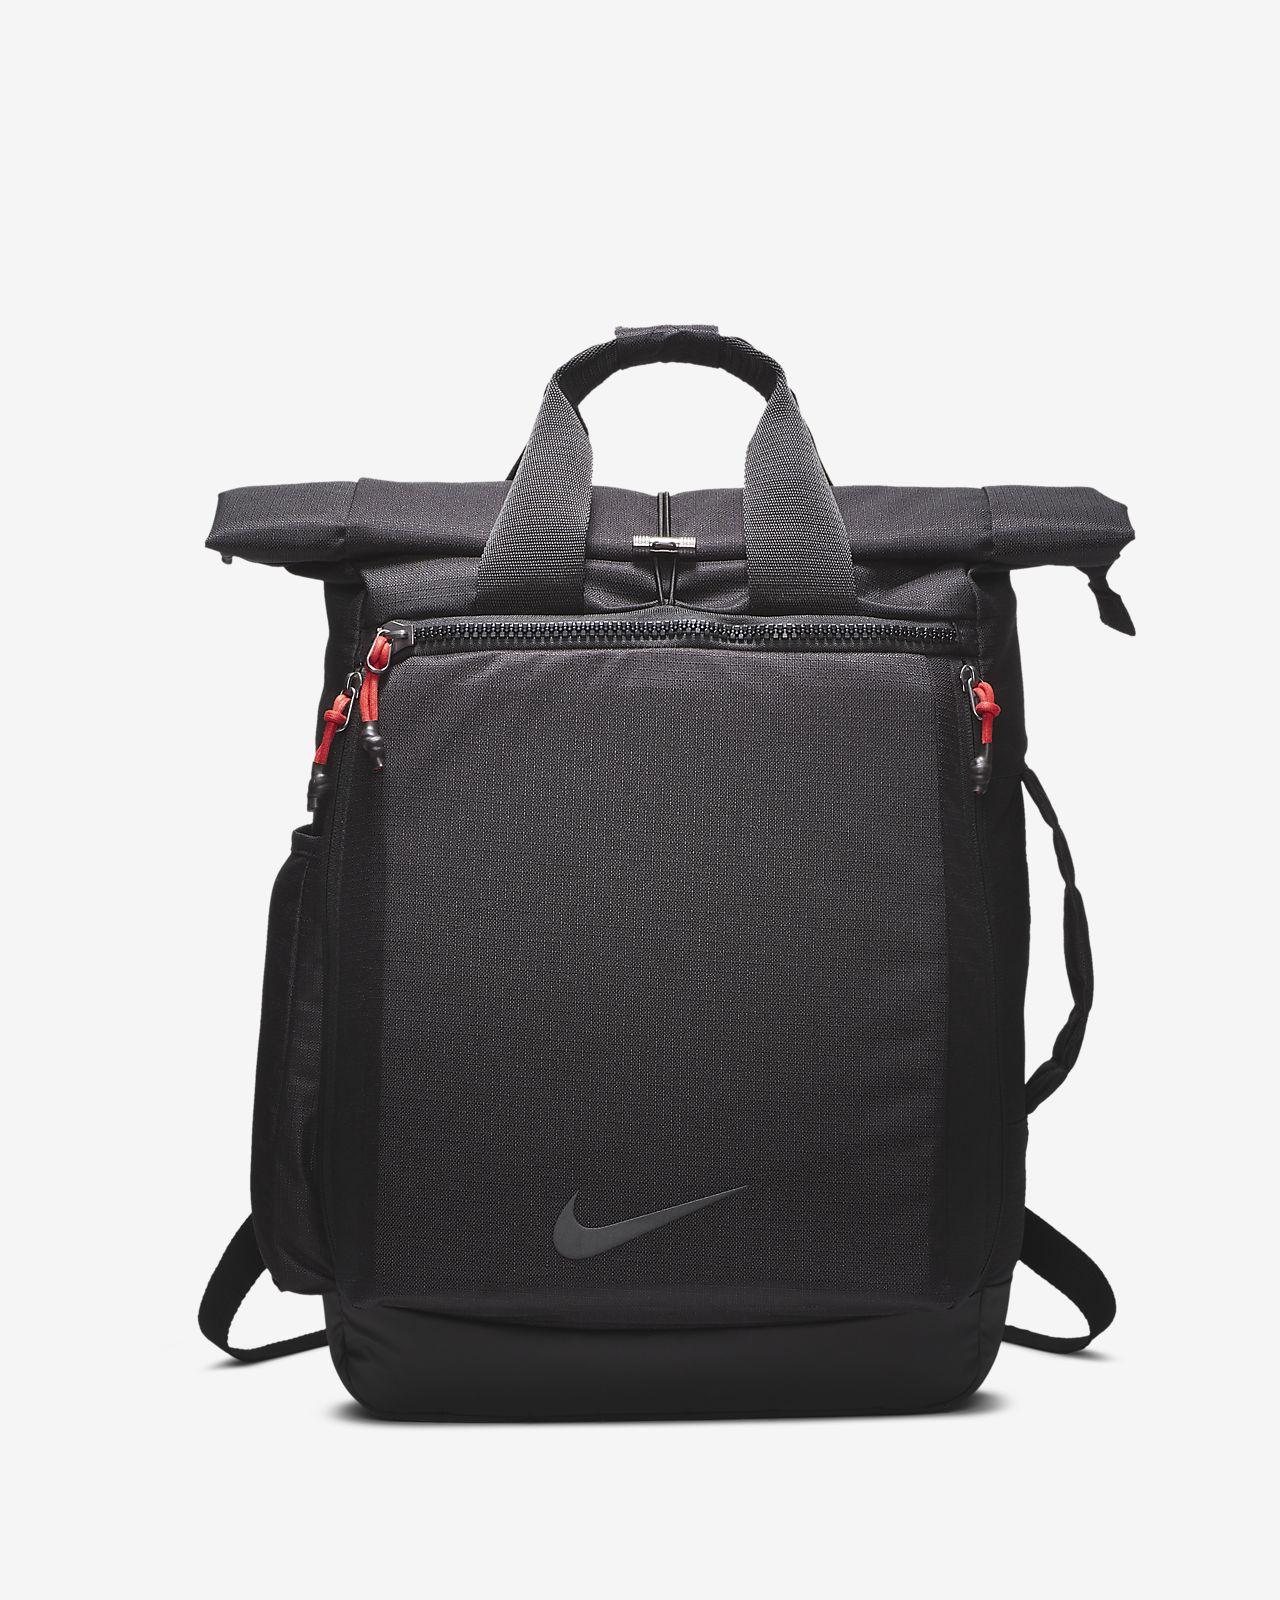 a9aab8d5ba21b Low Resolution Nike Sport Golf Backpack Nike Sport Golf Backpack